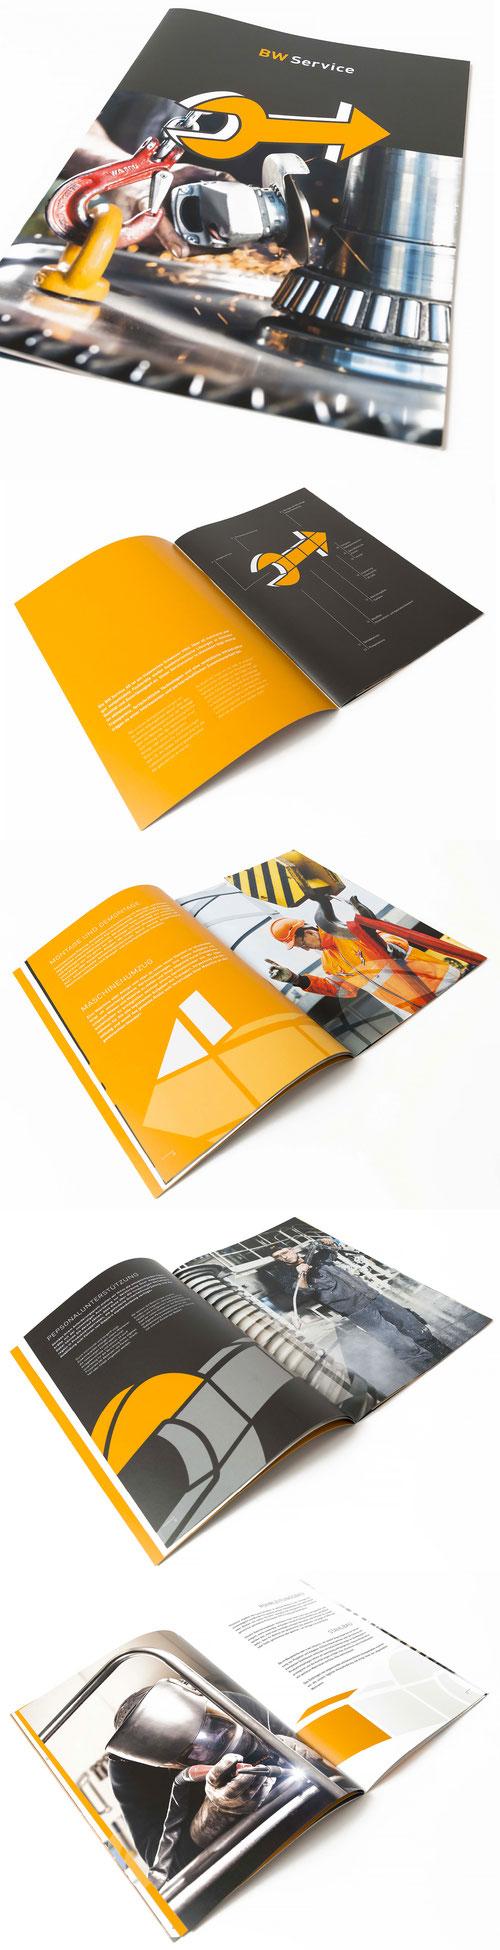 BW Service AG: Image Broschüre  | Layout und Grafik Lockedesign 2014, Fotographie by Manuel Stettler